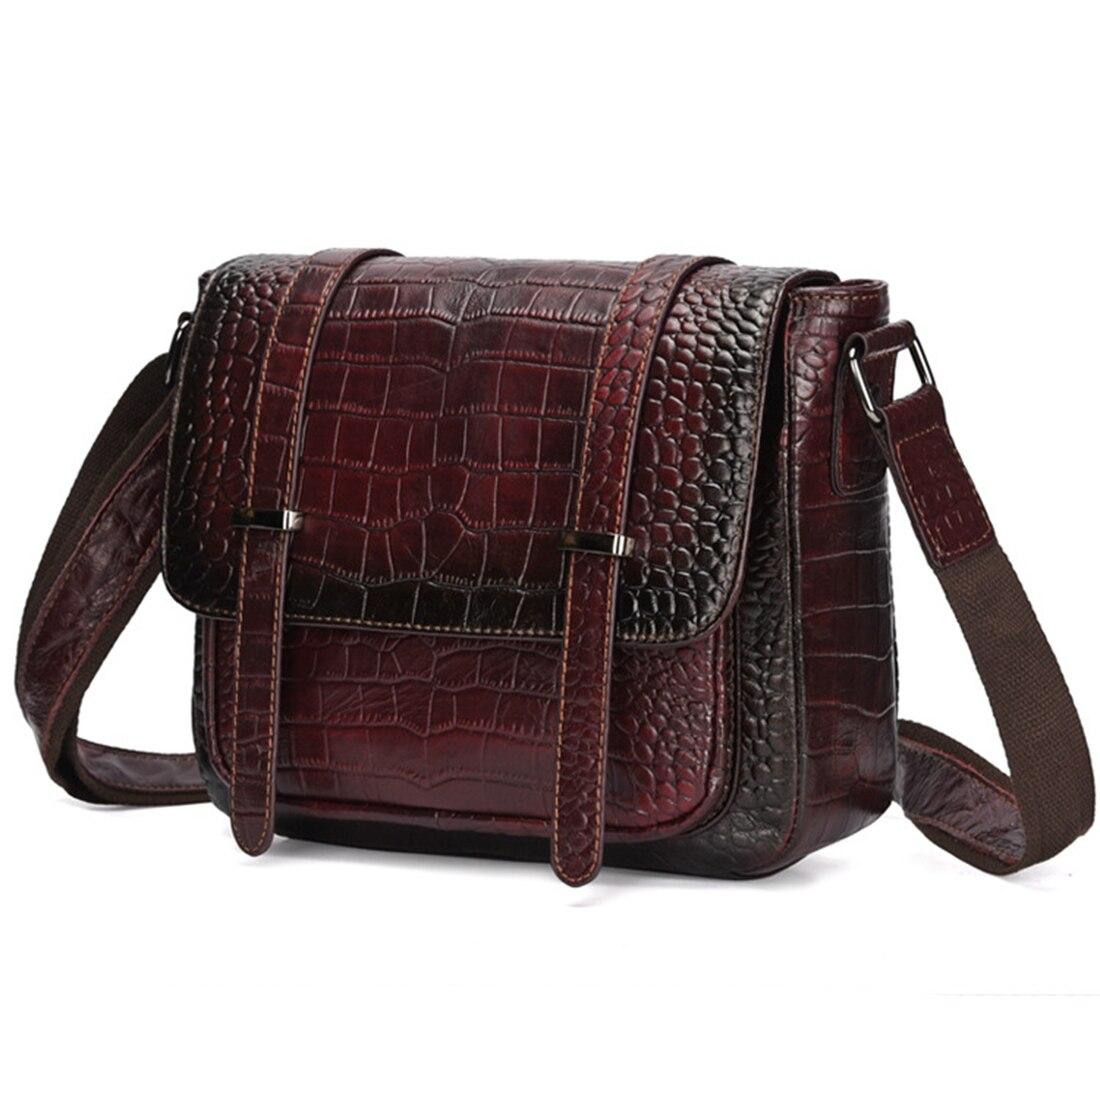 Kobiet prawdziwa skóra bydlęca Messenger torby na ramię wzór krokodyla Retro trendu wypoczynek wysokiej jakości prawdziwej skórzana torebka na ramię torba nowy w Torebki na ramię od Bagaże i torby na  Grupa 2